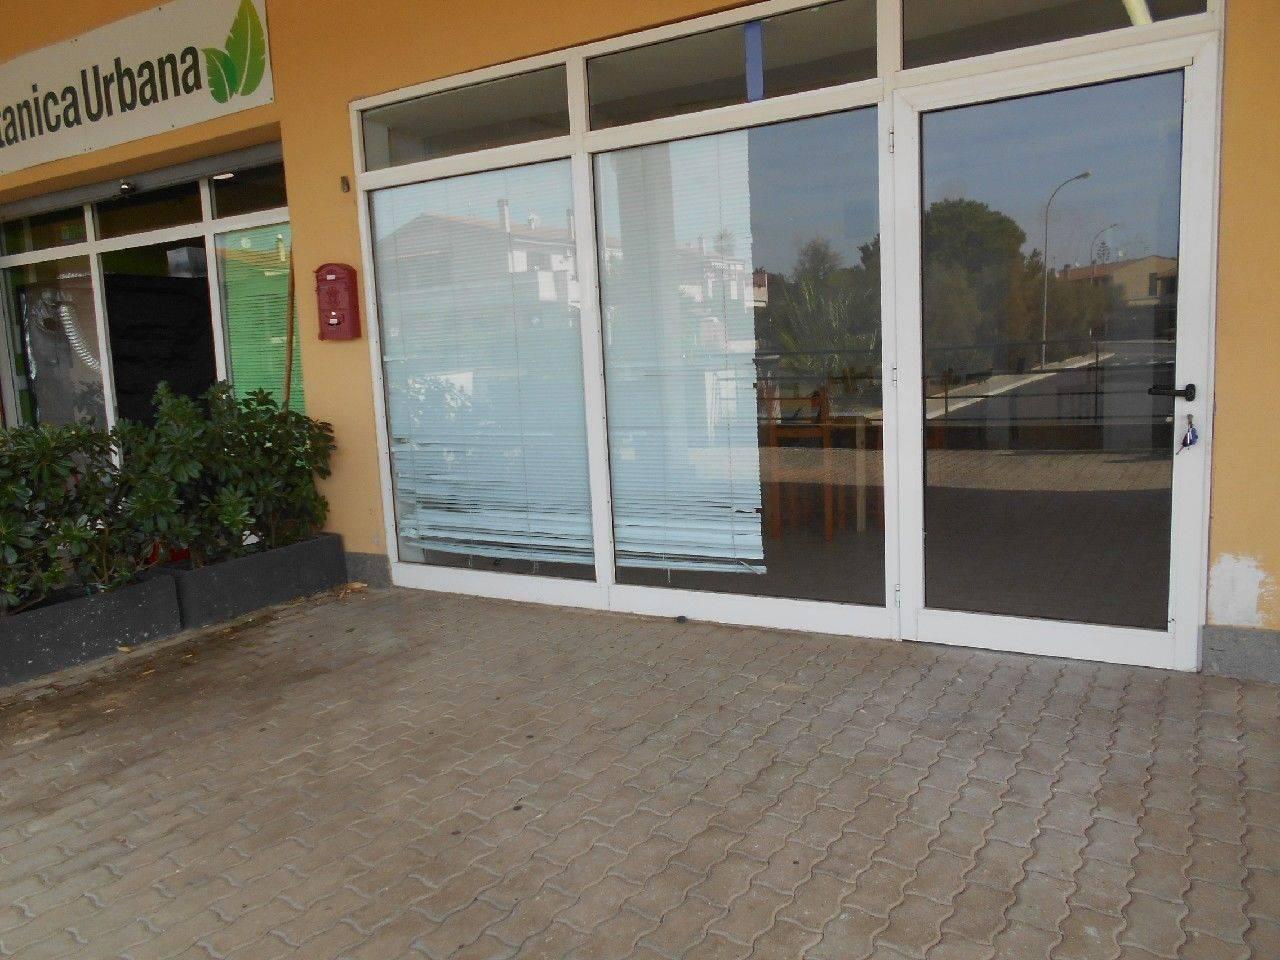 Santa Marinella, Zona Prato del Mare - Agenzia Immobiliare Affitti Civitavecchia, il Vostro Esperto di Fiducia, propone in locazione Locale